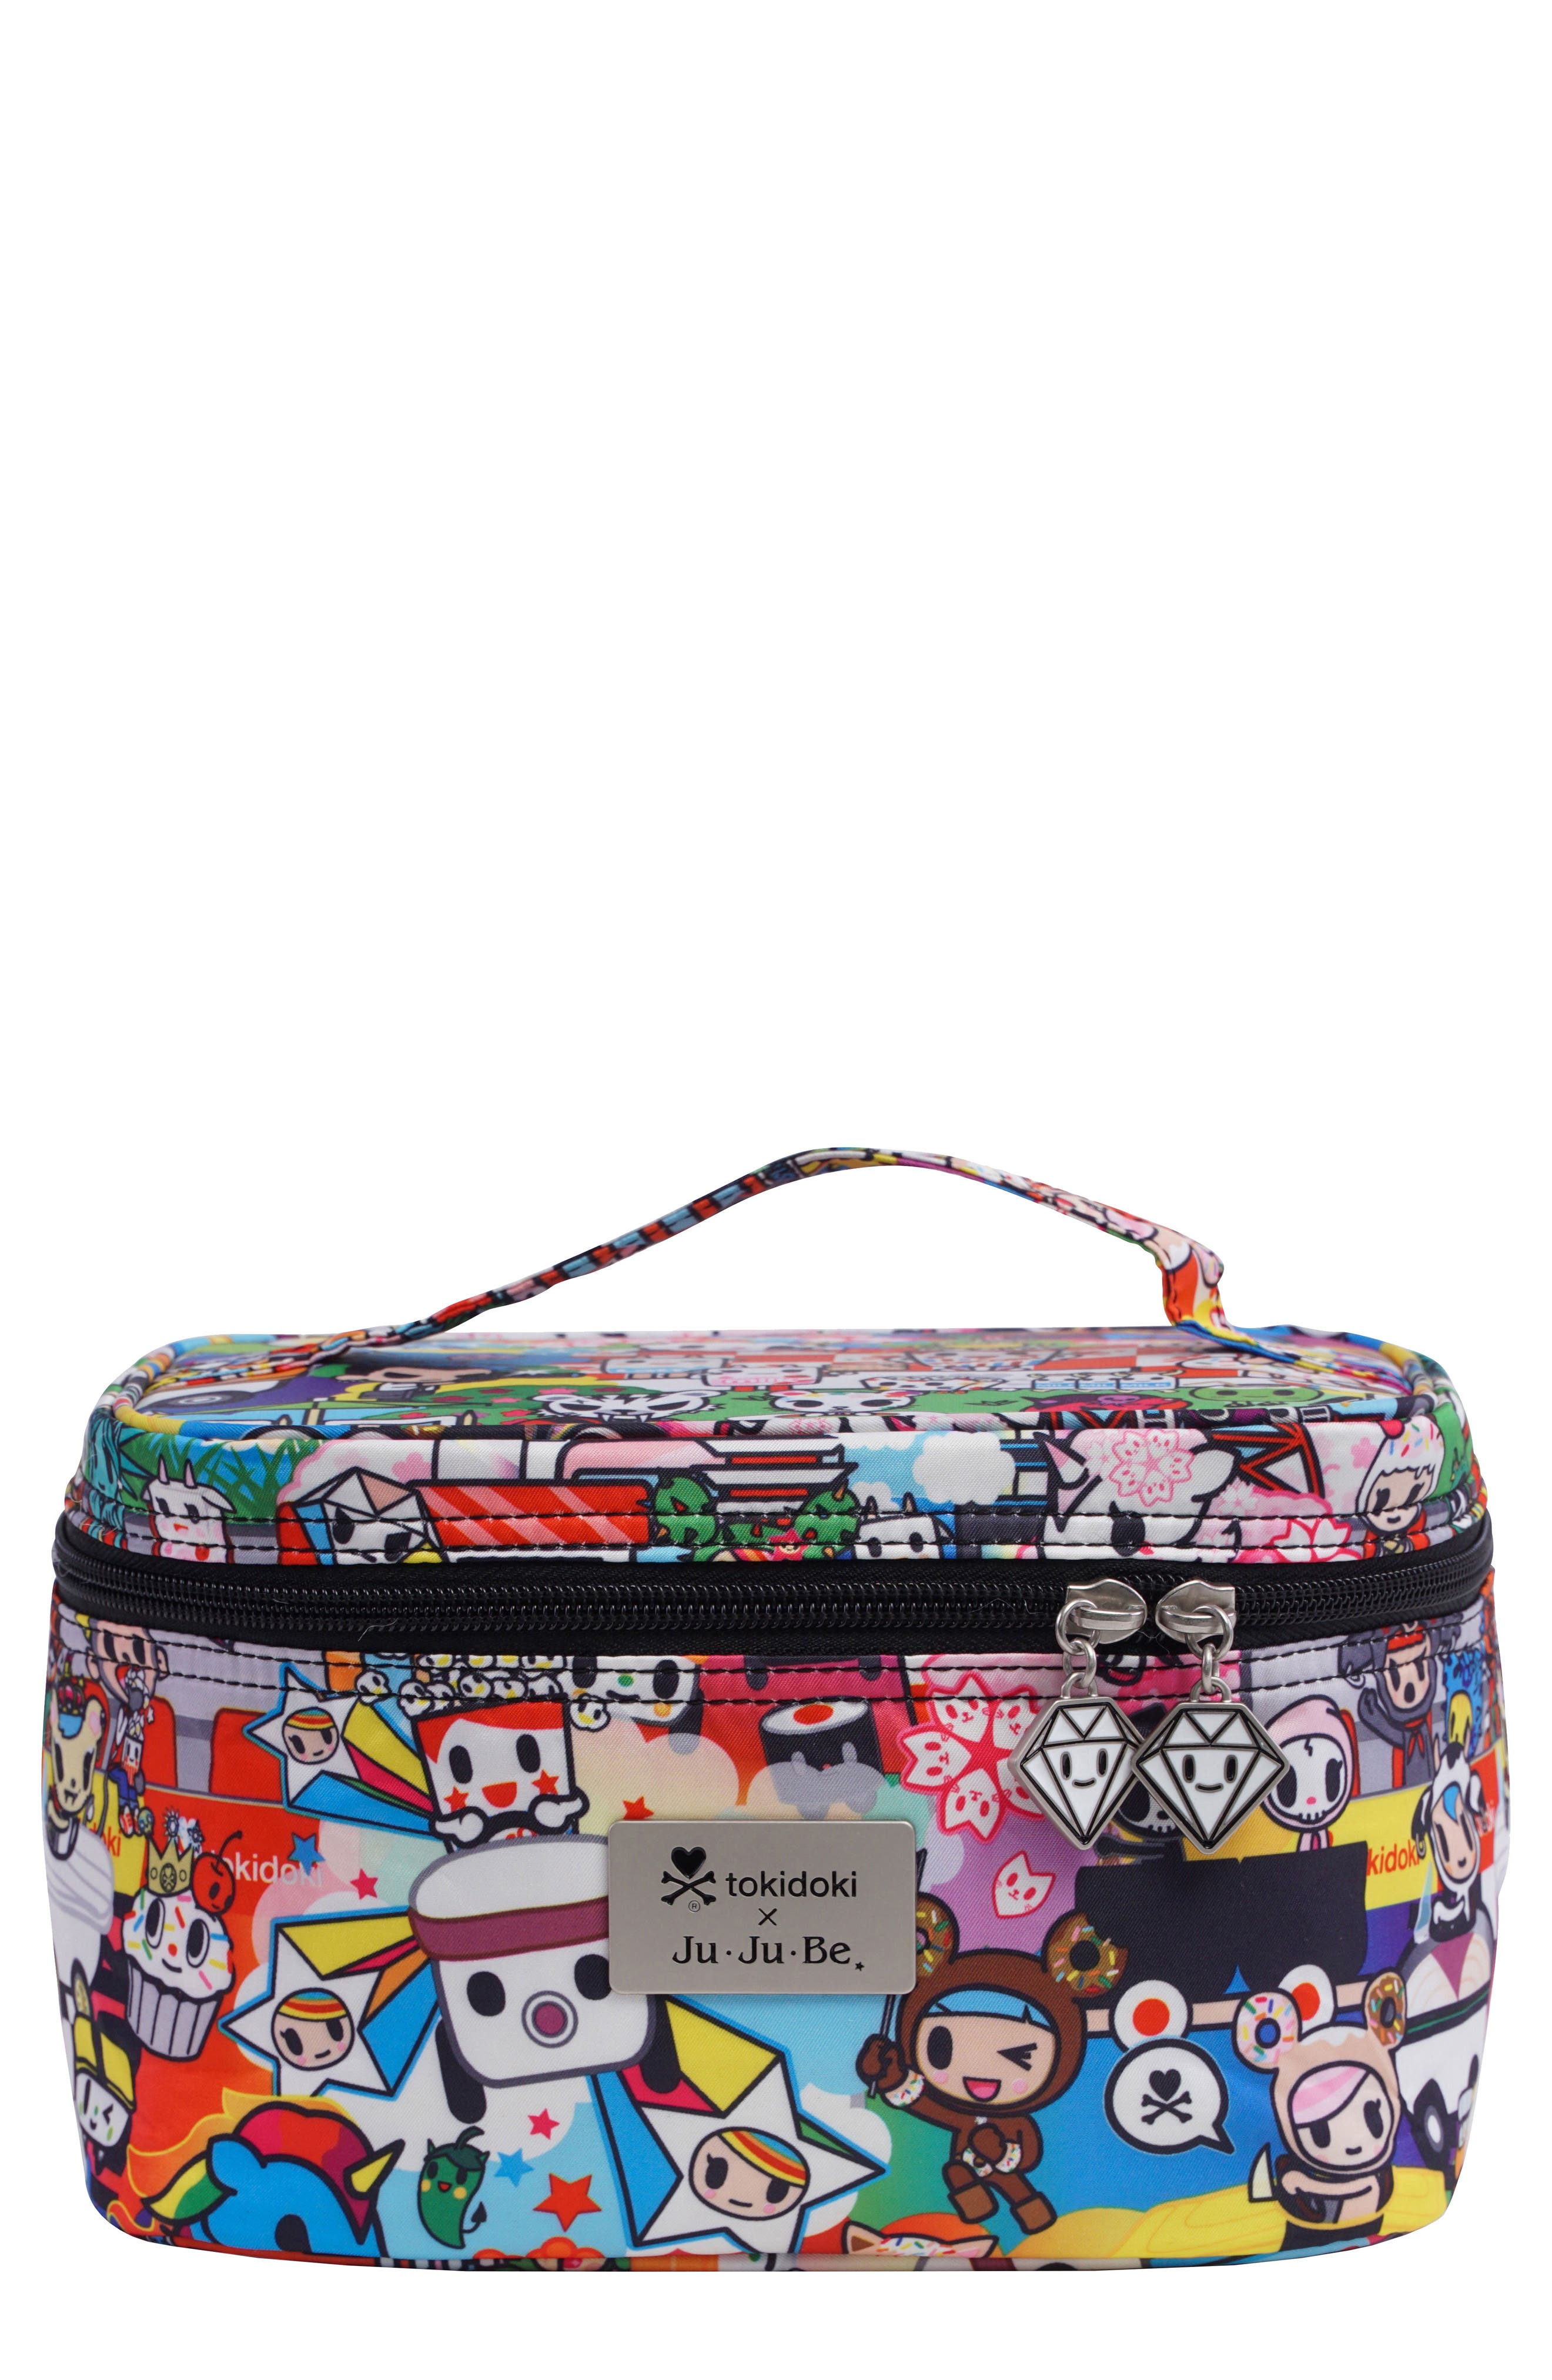 Main Image - Ju-Ju-Be x tokidoki Be Ready Cosmetics Travel Case